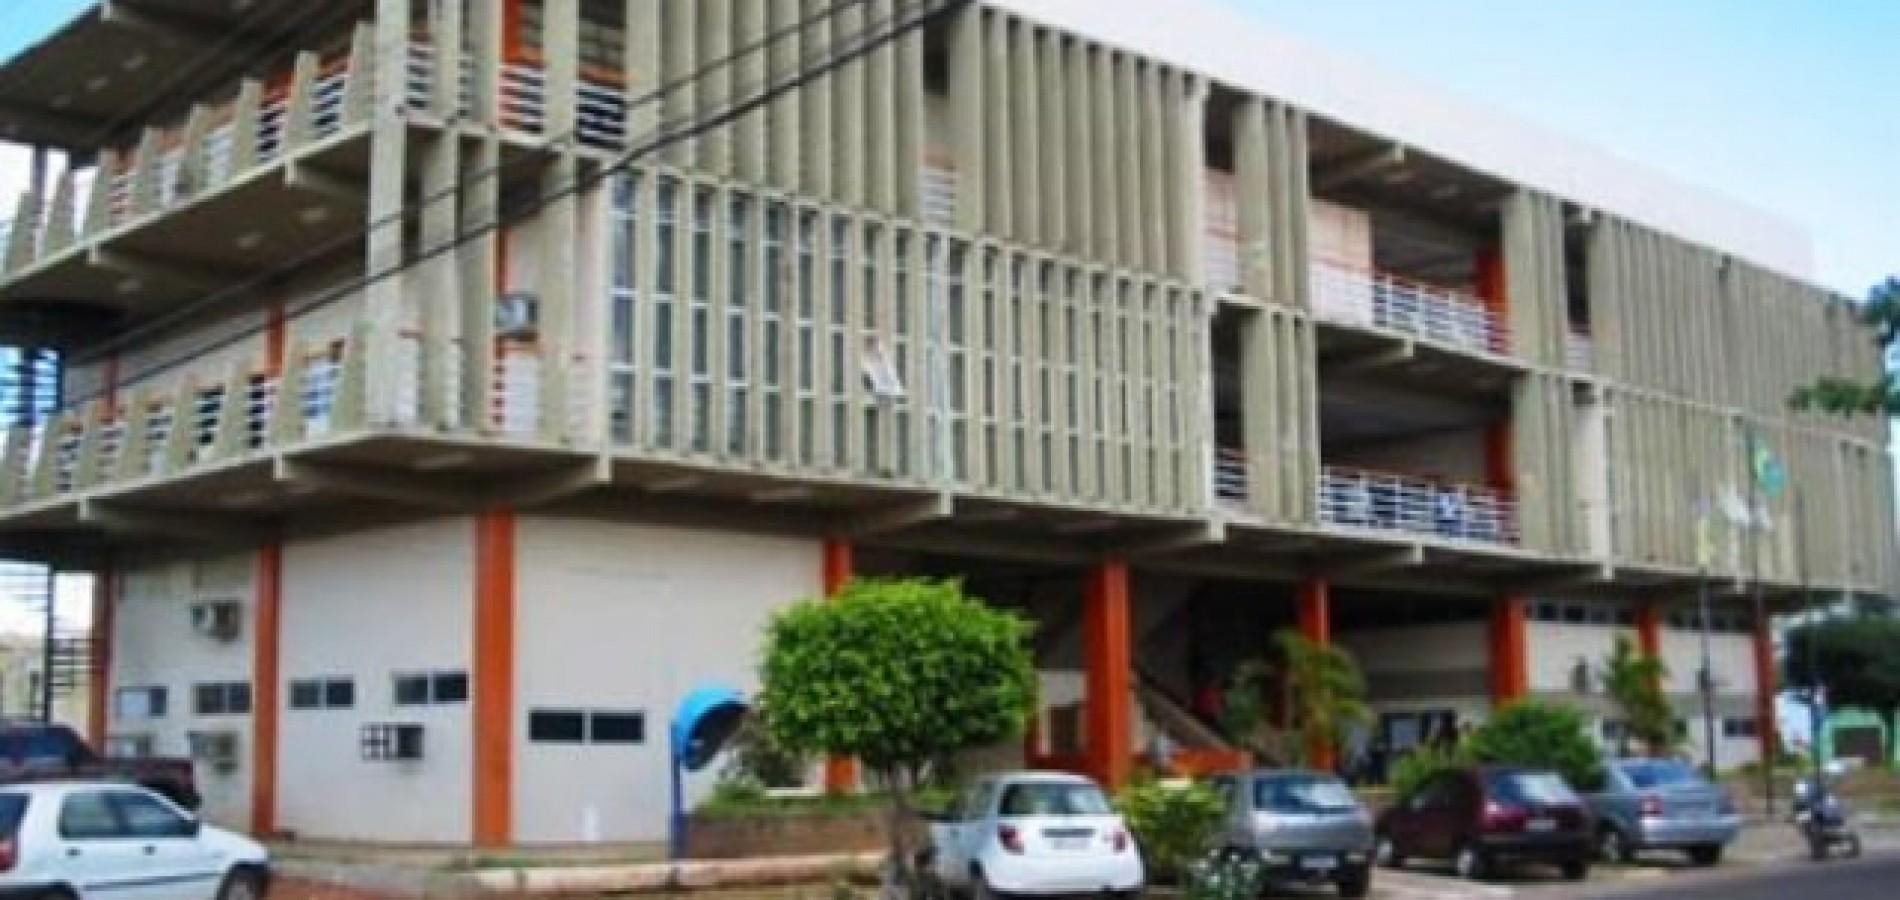 PICOS|  Observatório Social nega aprovação em licitação vencida por empresa de sobrinho e marido de vereadora